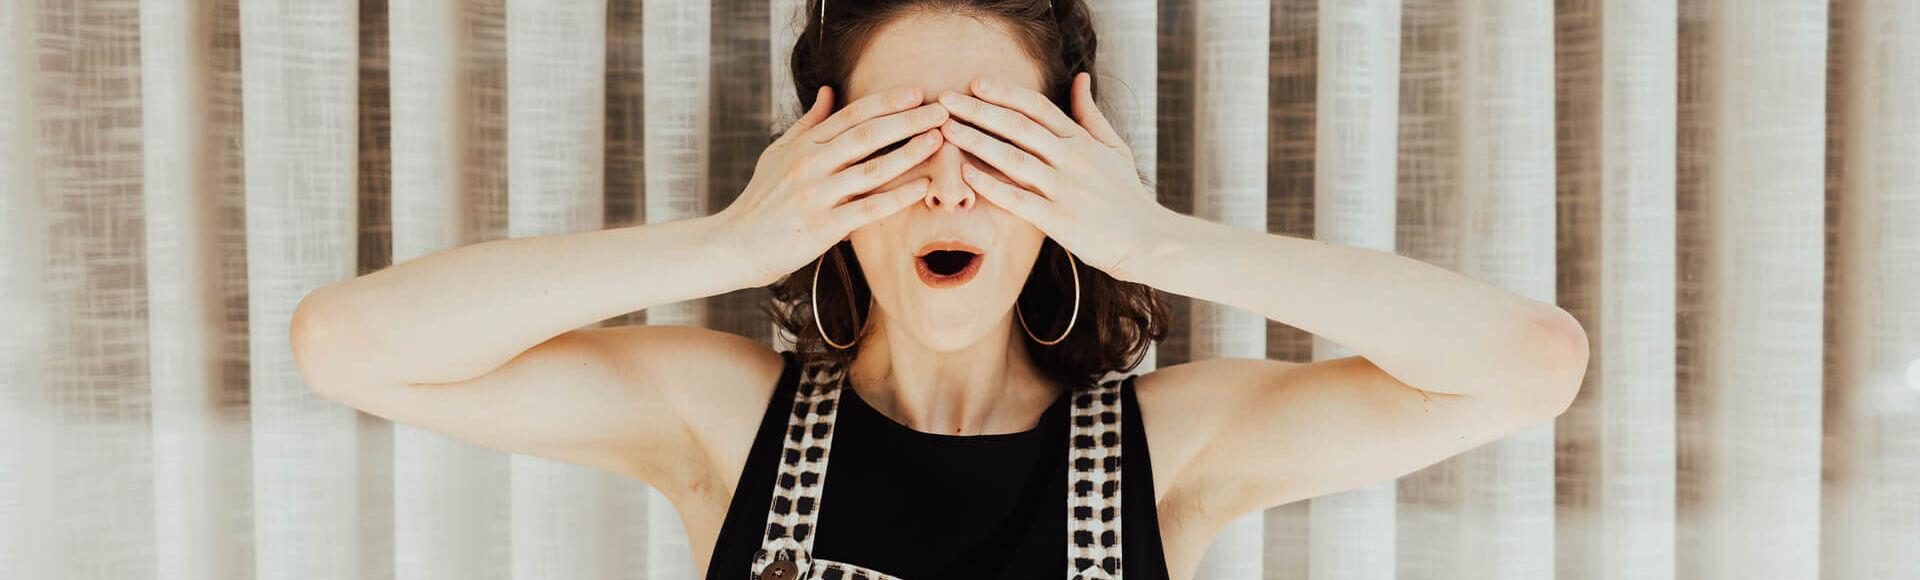 Tampão mucoso: sintomas do parto